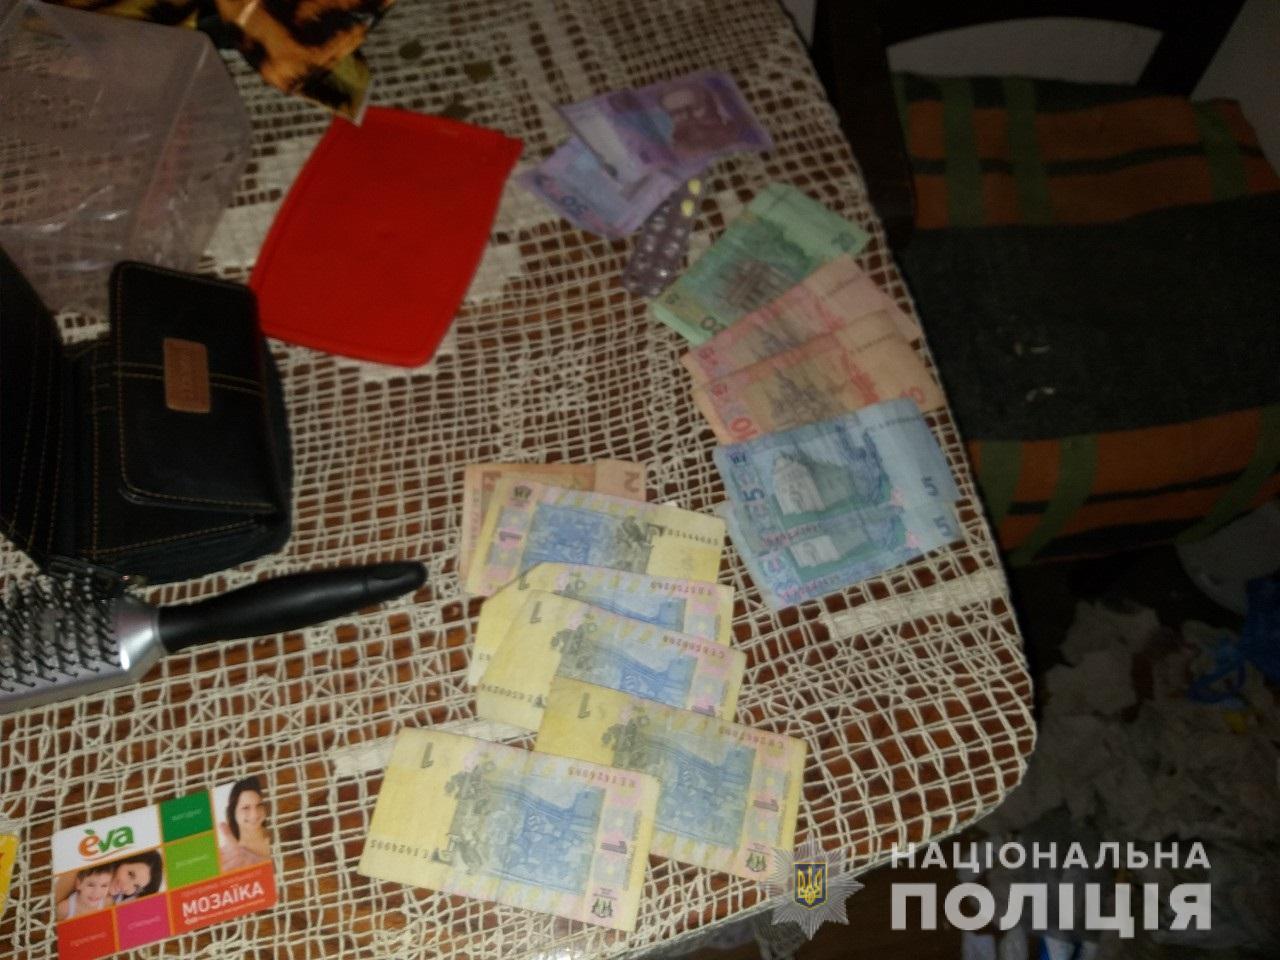 Підбіг і вихопив сумочку: у Берегові жінка постраждала від рук грабіжника